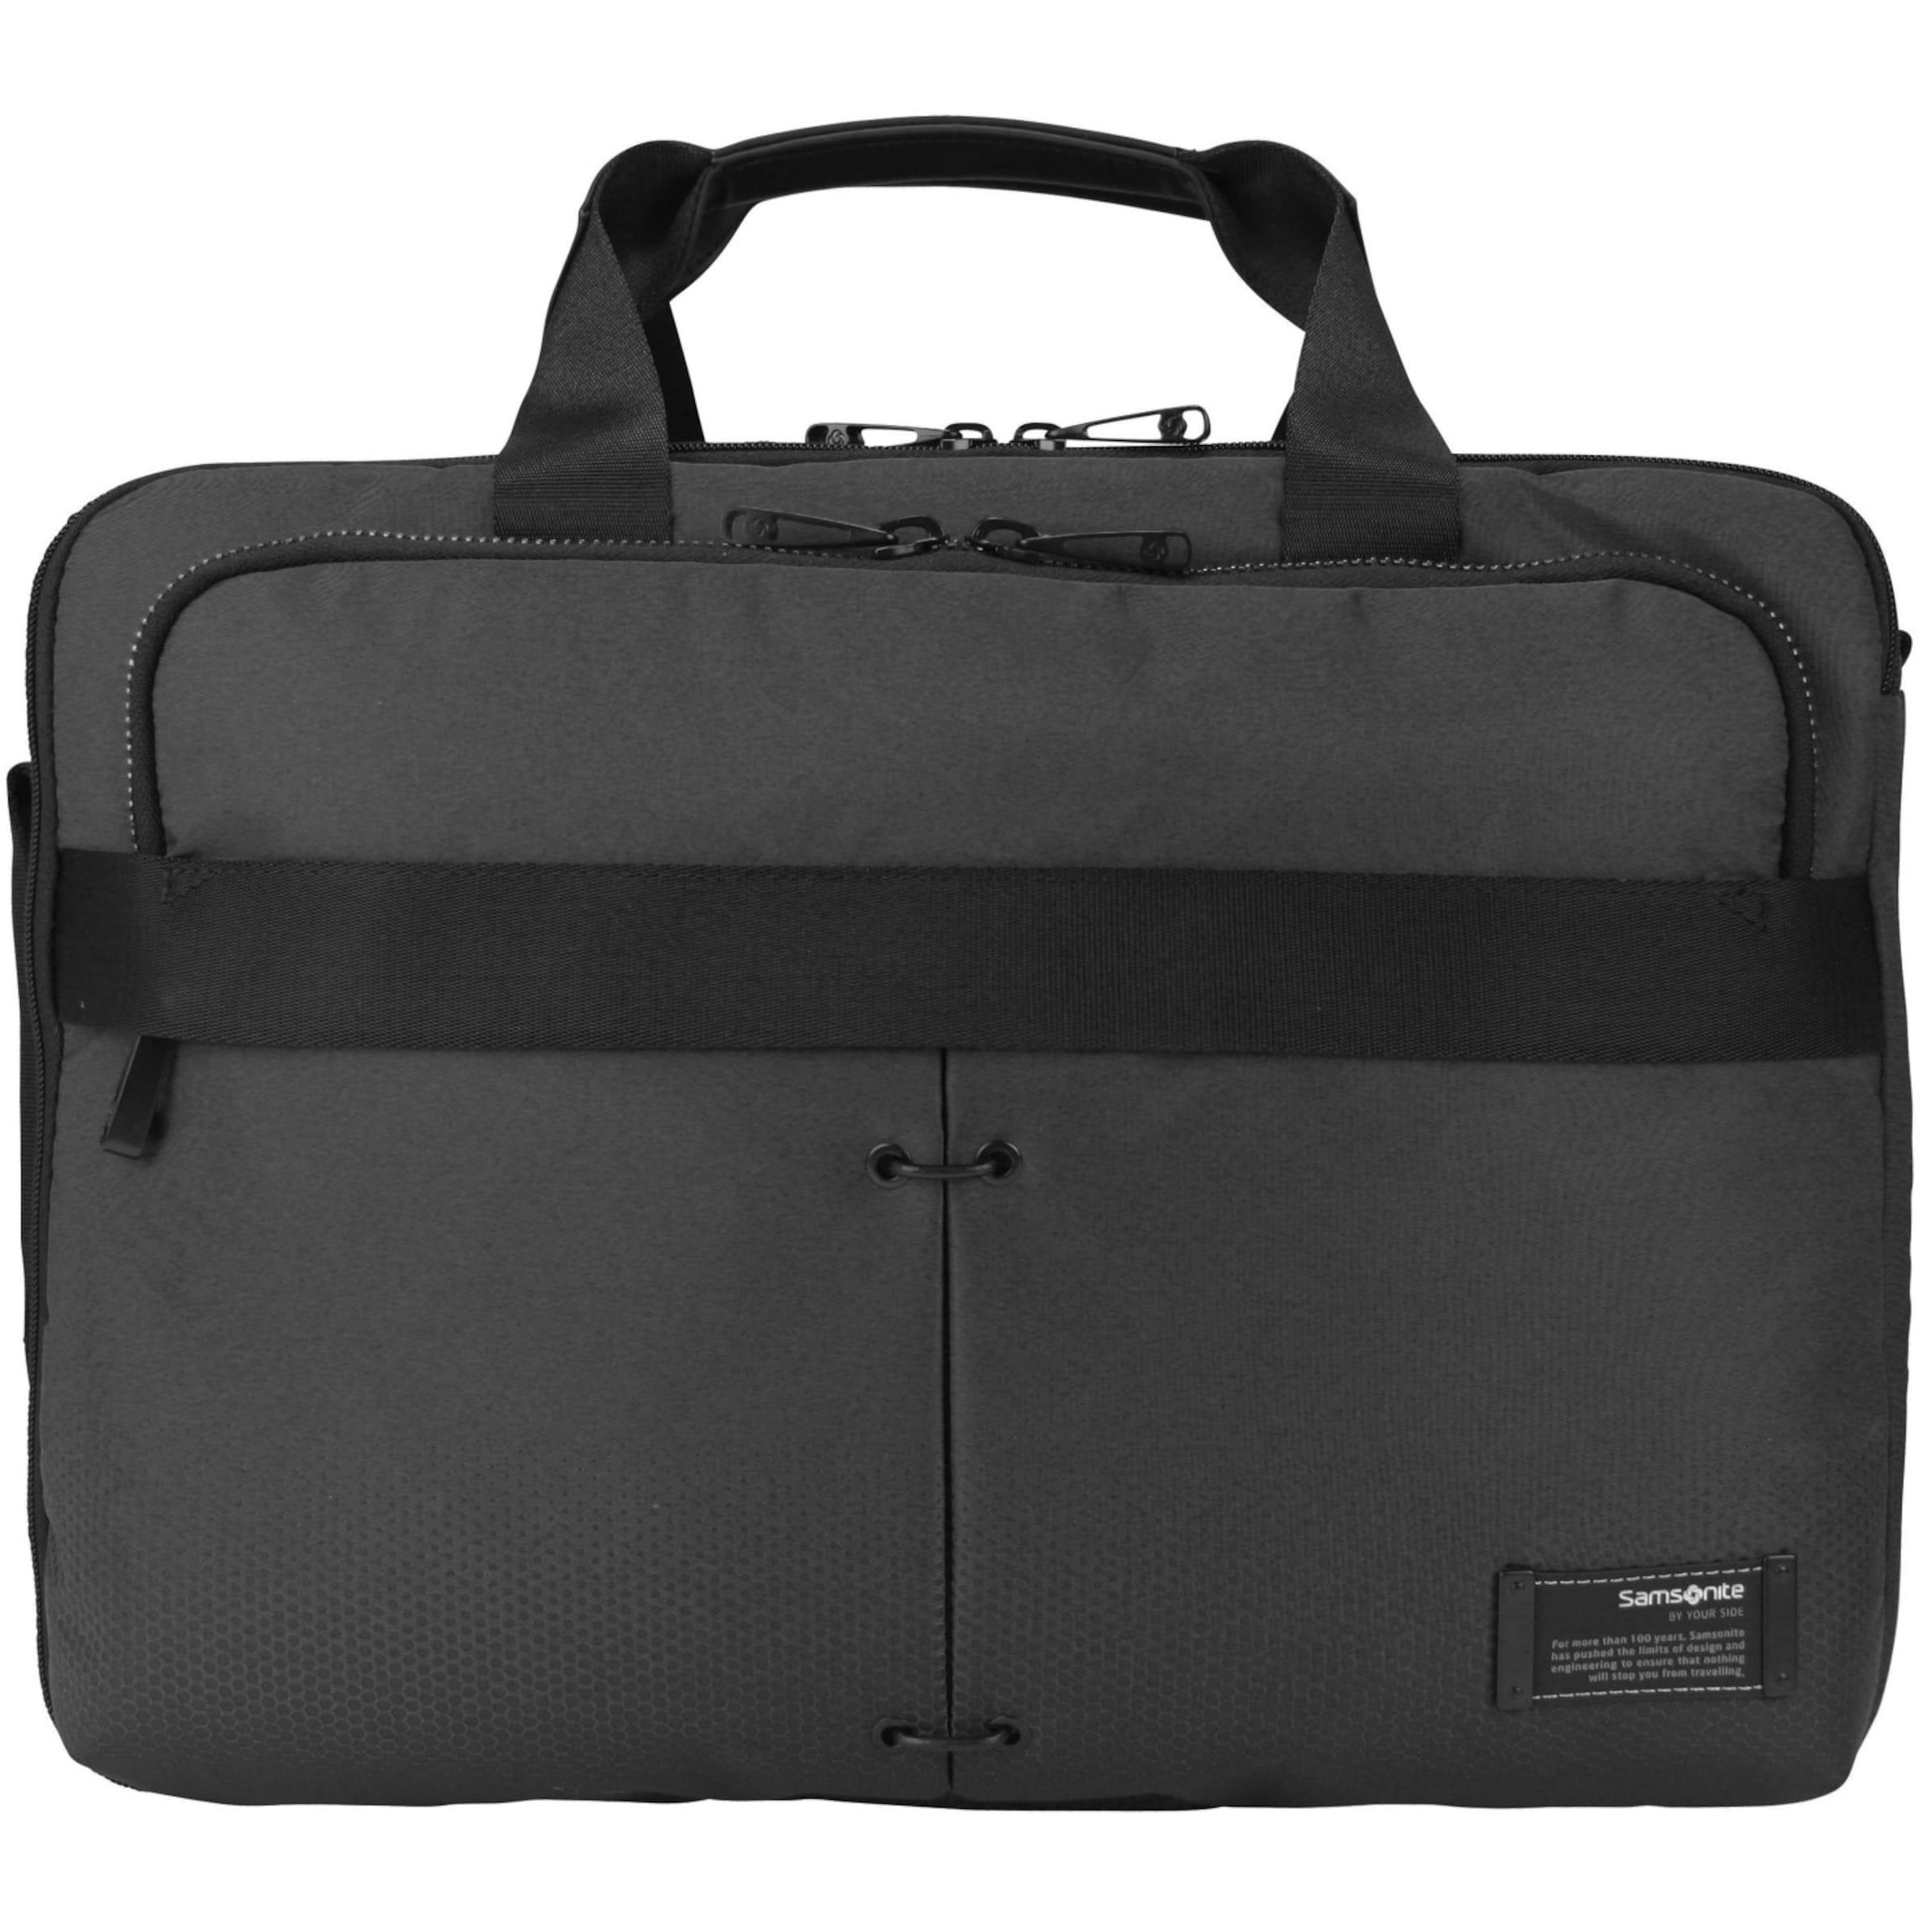 SAMSONITE Cityvibe Businesstasche 43 cm Laptopfach Online Wie Vielen Verkauf Billig 2018 US1QTa6